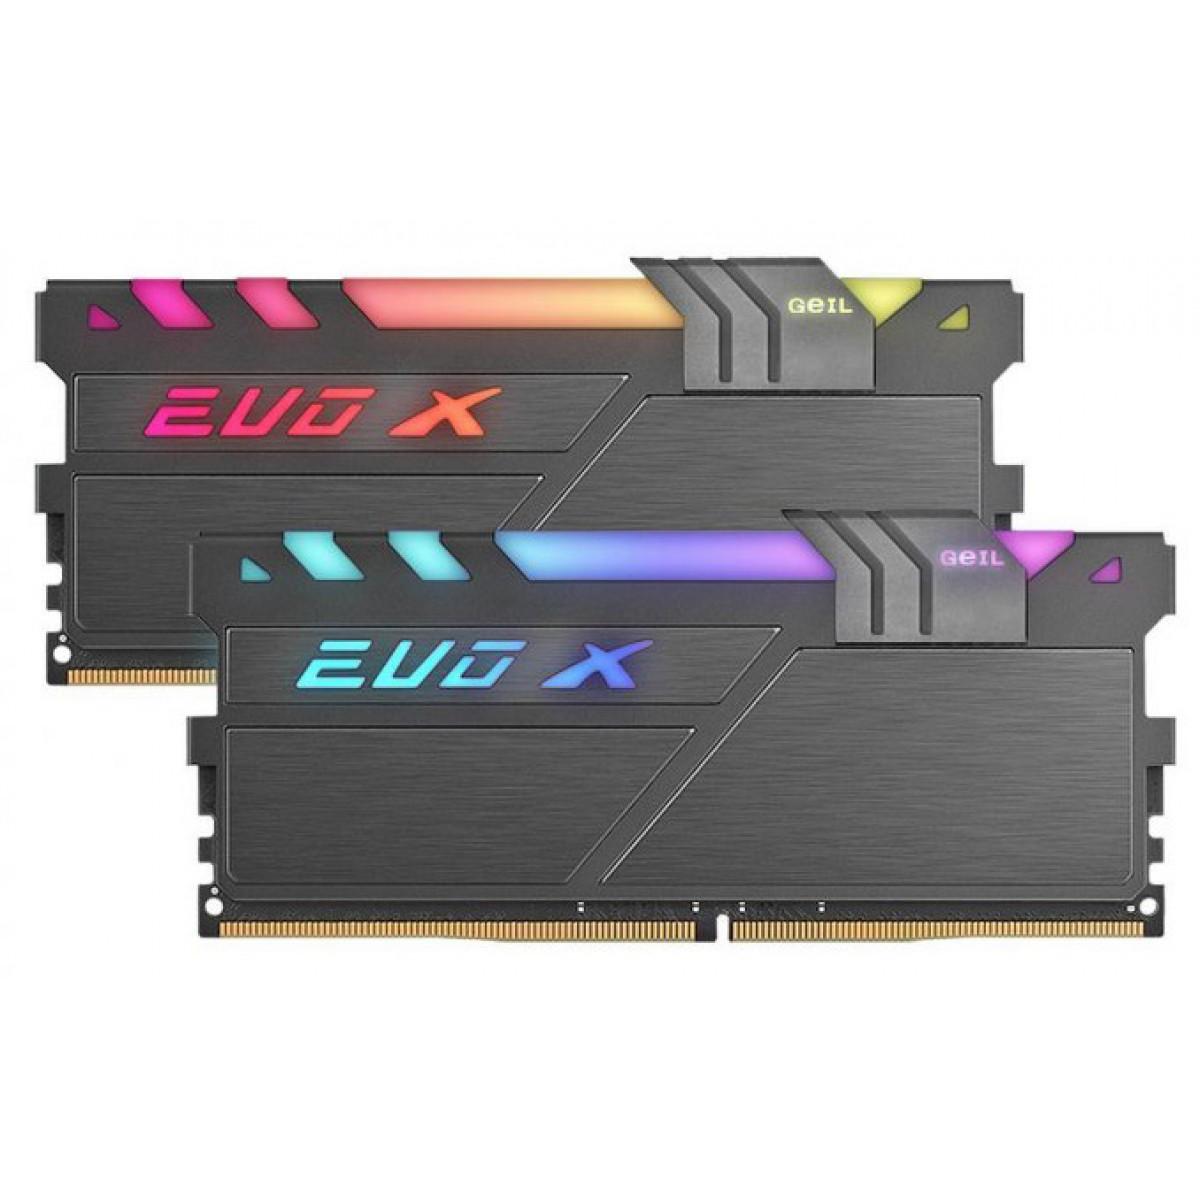 Memória DDR4 Geil EVO X II RGB SYNC 16GB (2x8GB) 3200MHz, GAEXSY416GB3200C16ADC